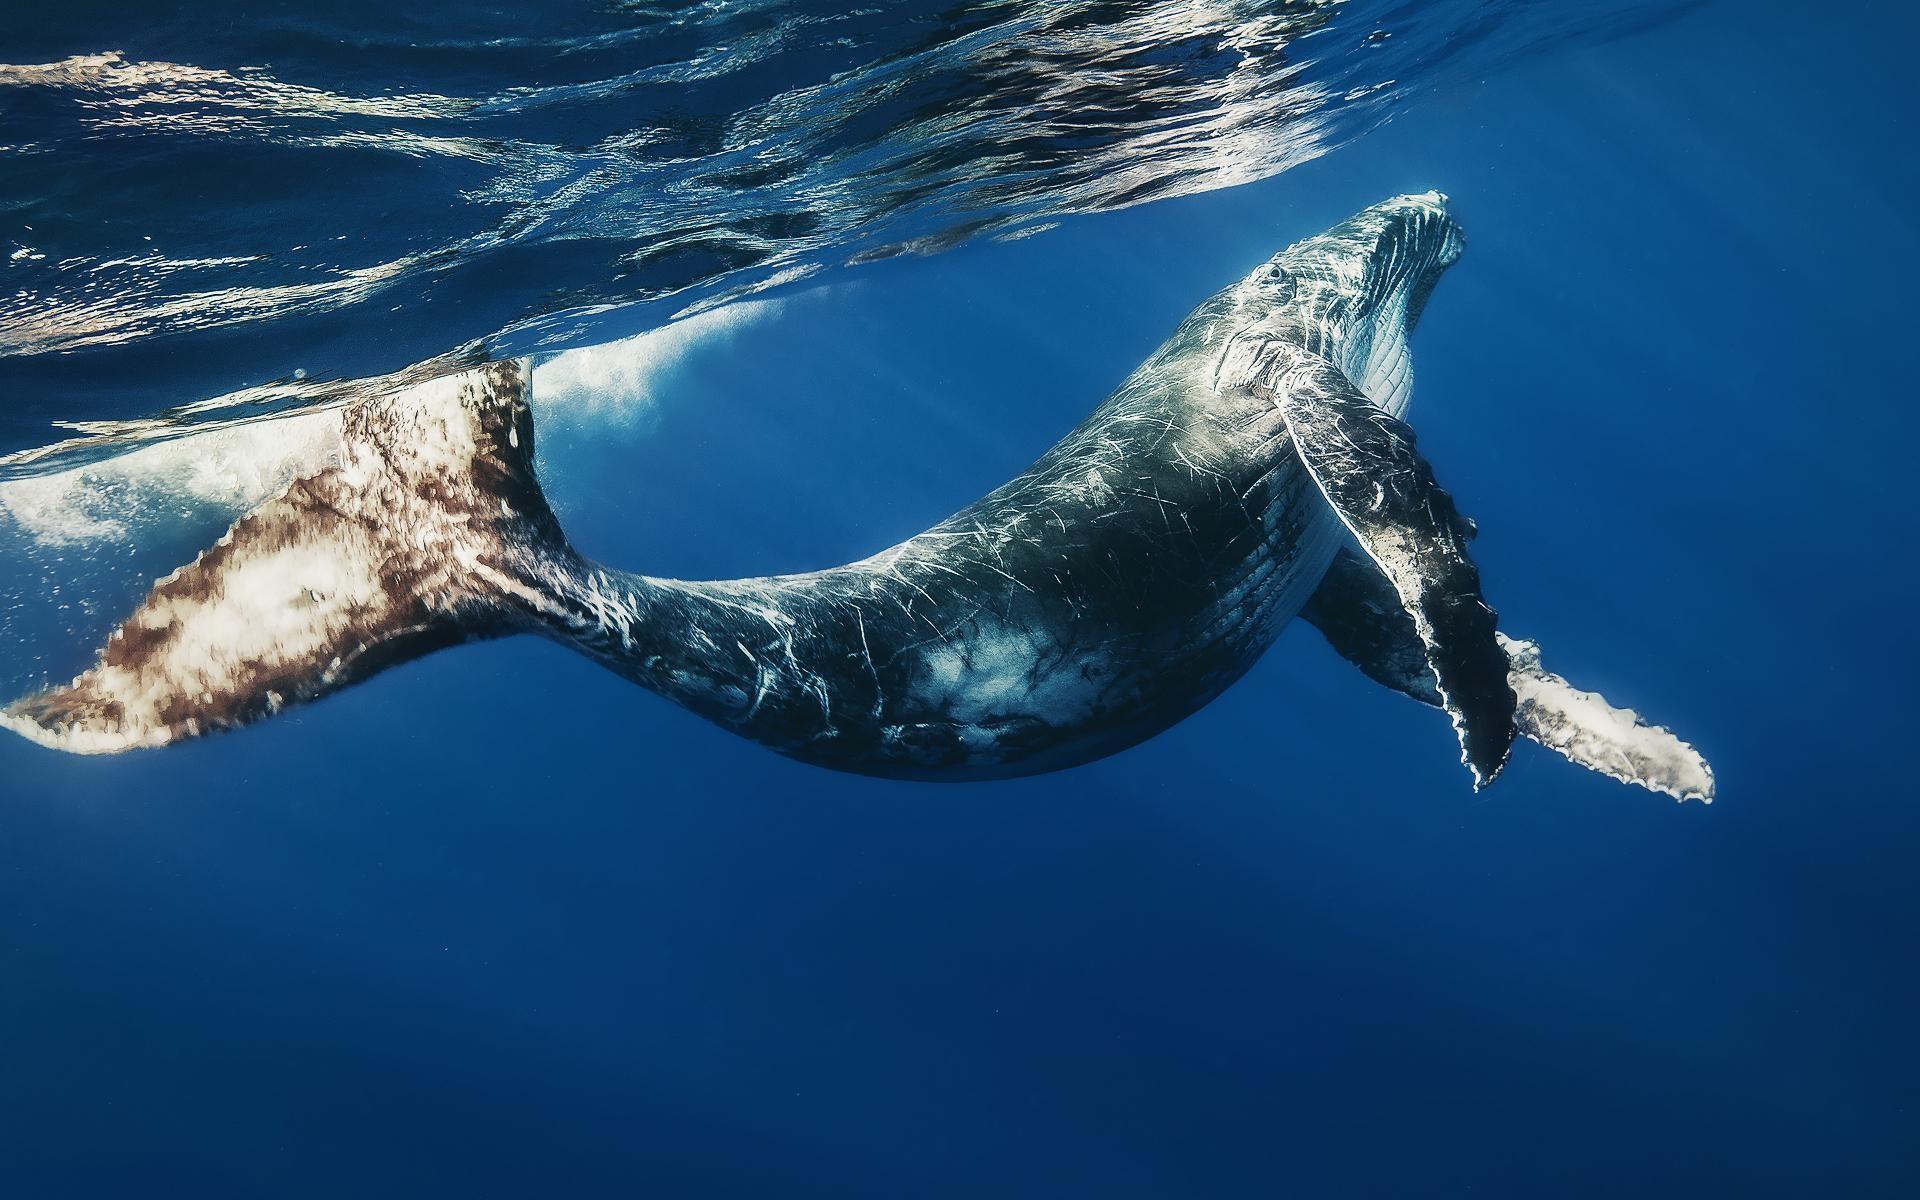 Galaxy S8 Whale Wallpaper 4k Best Hd Wallpaper